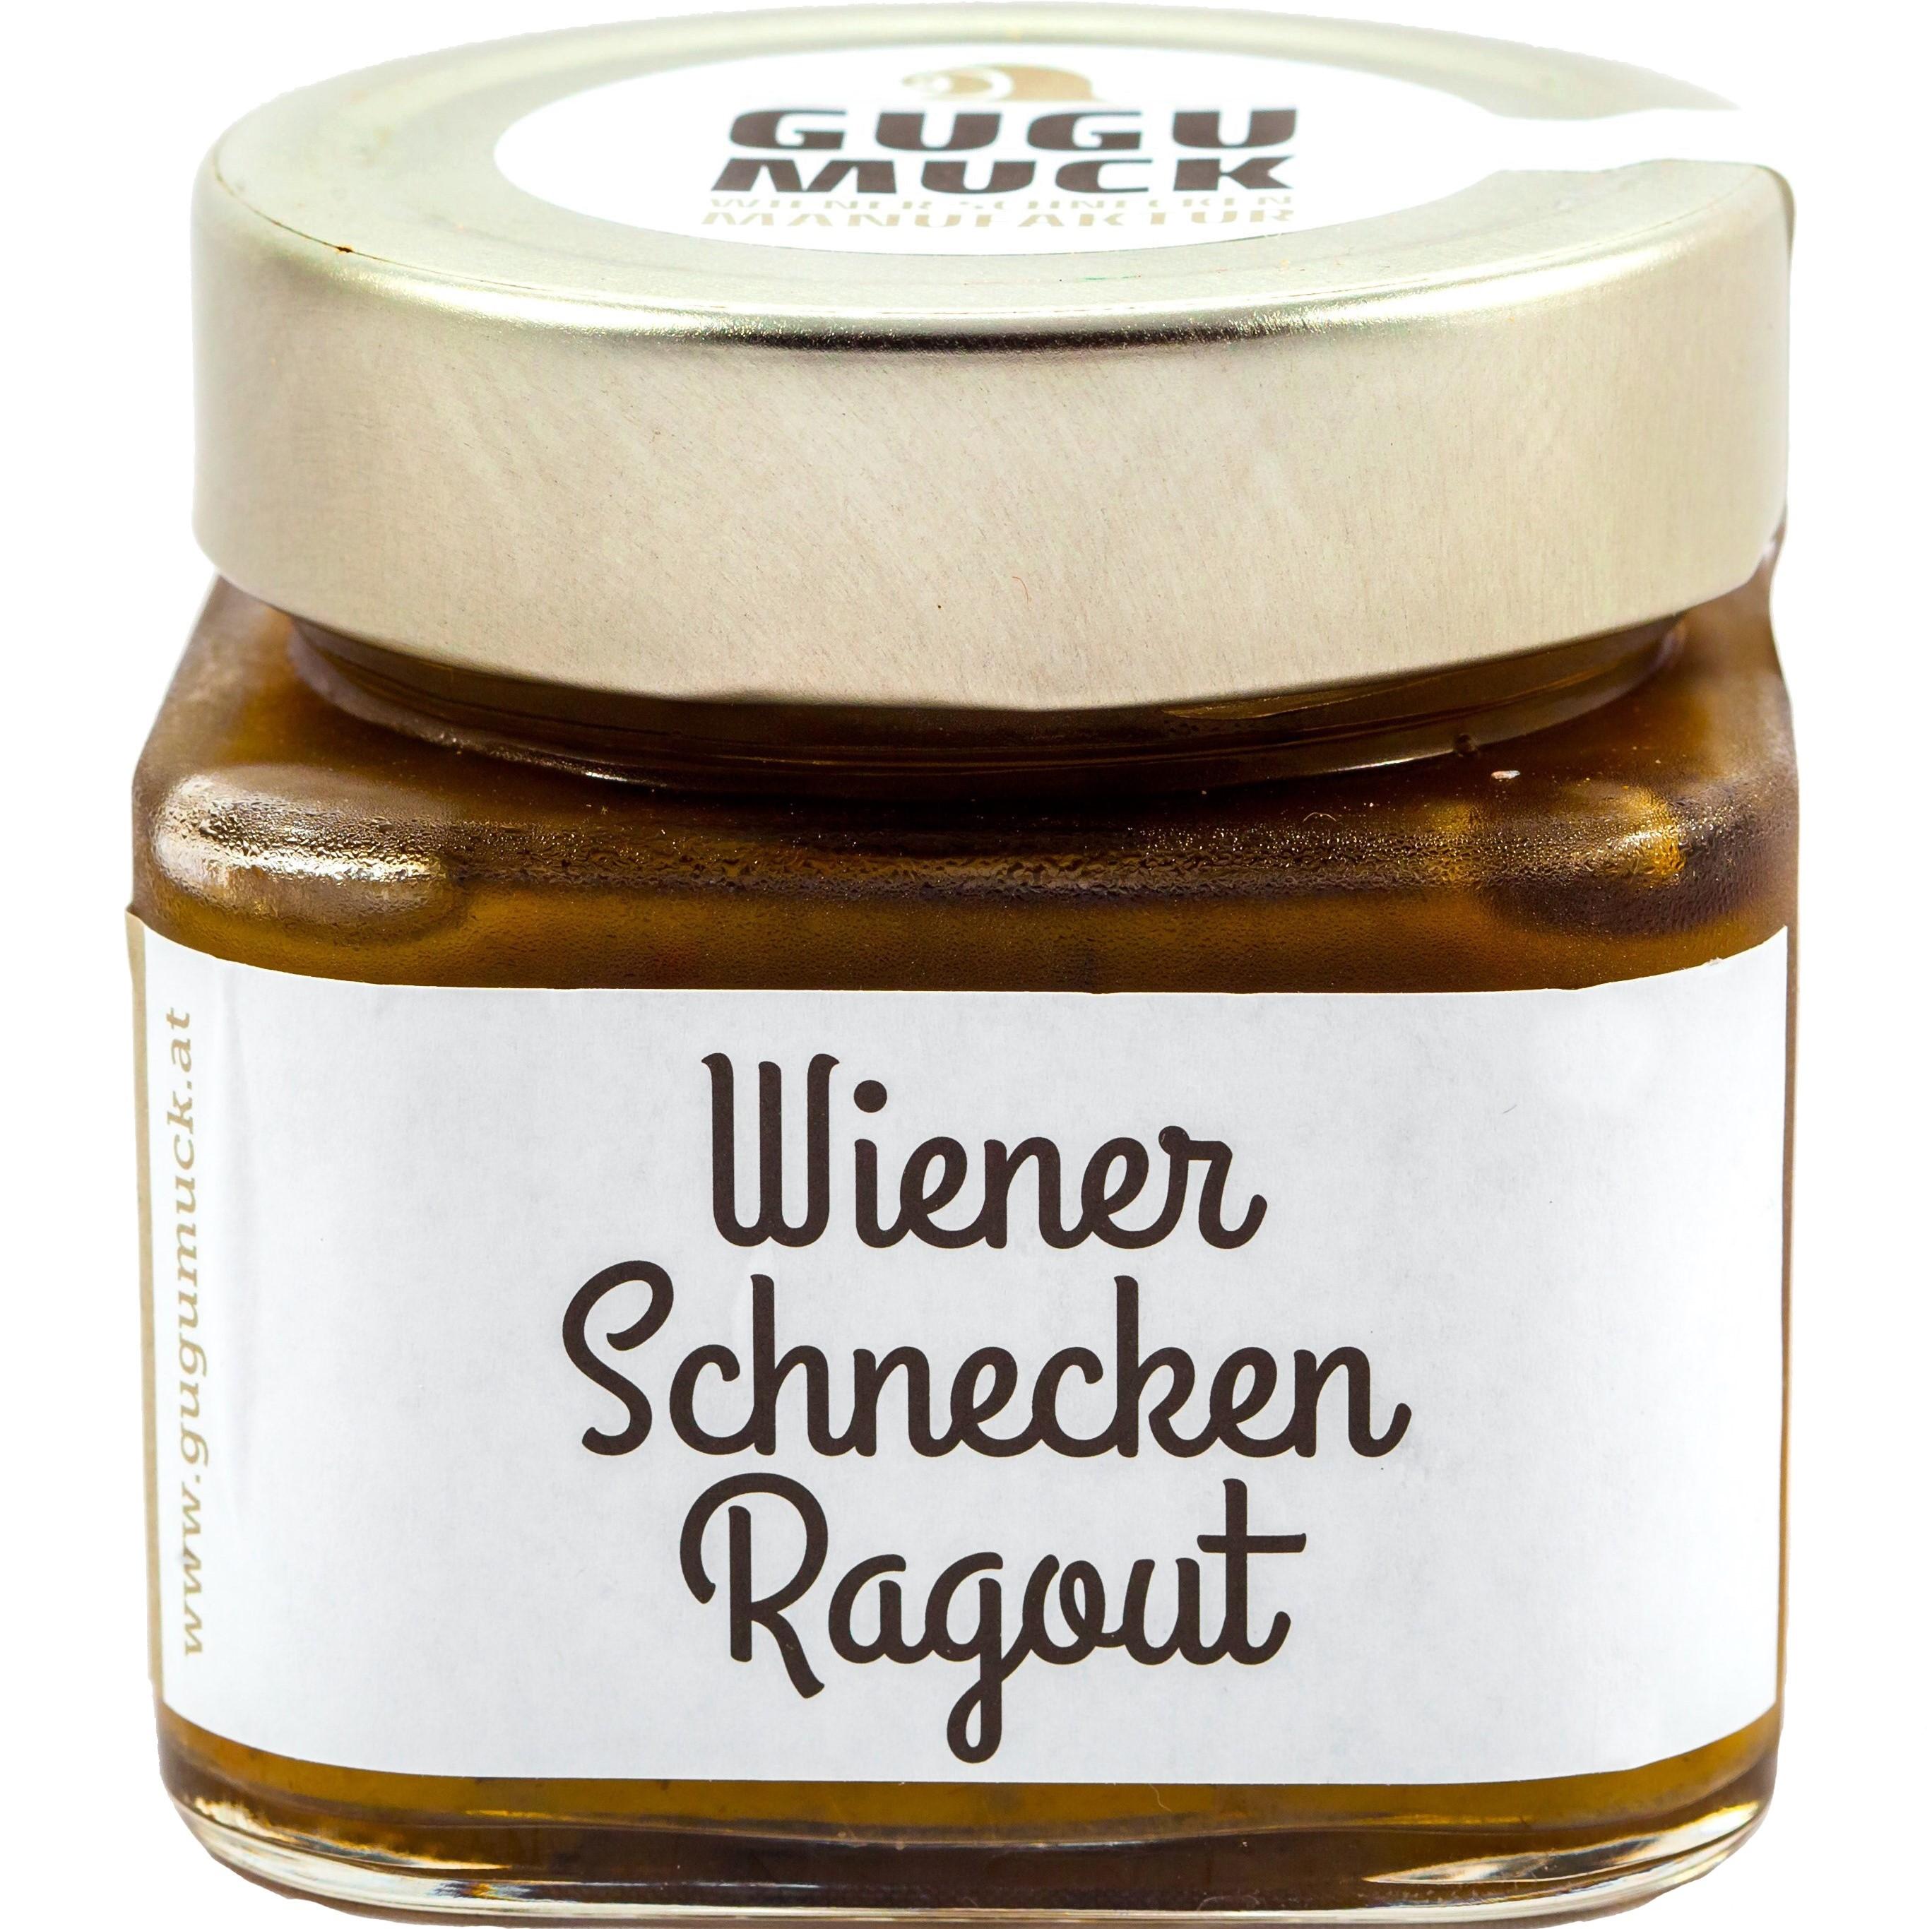 Schnecken-Ragout von Gugumuck